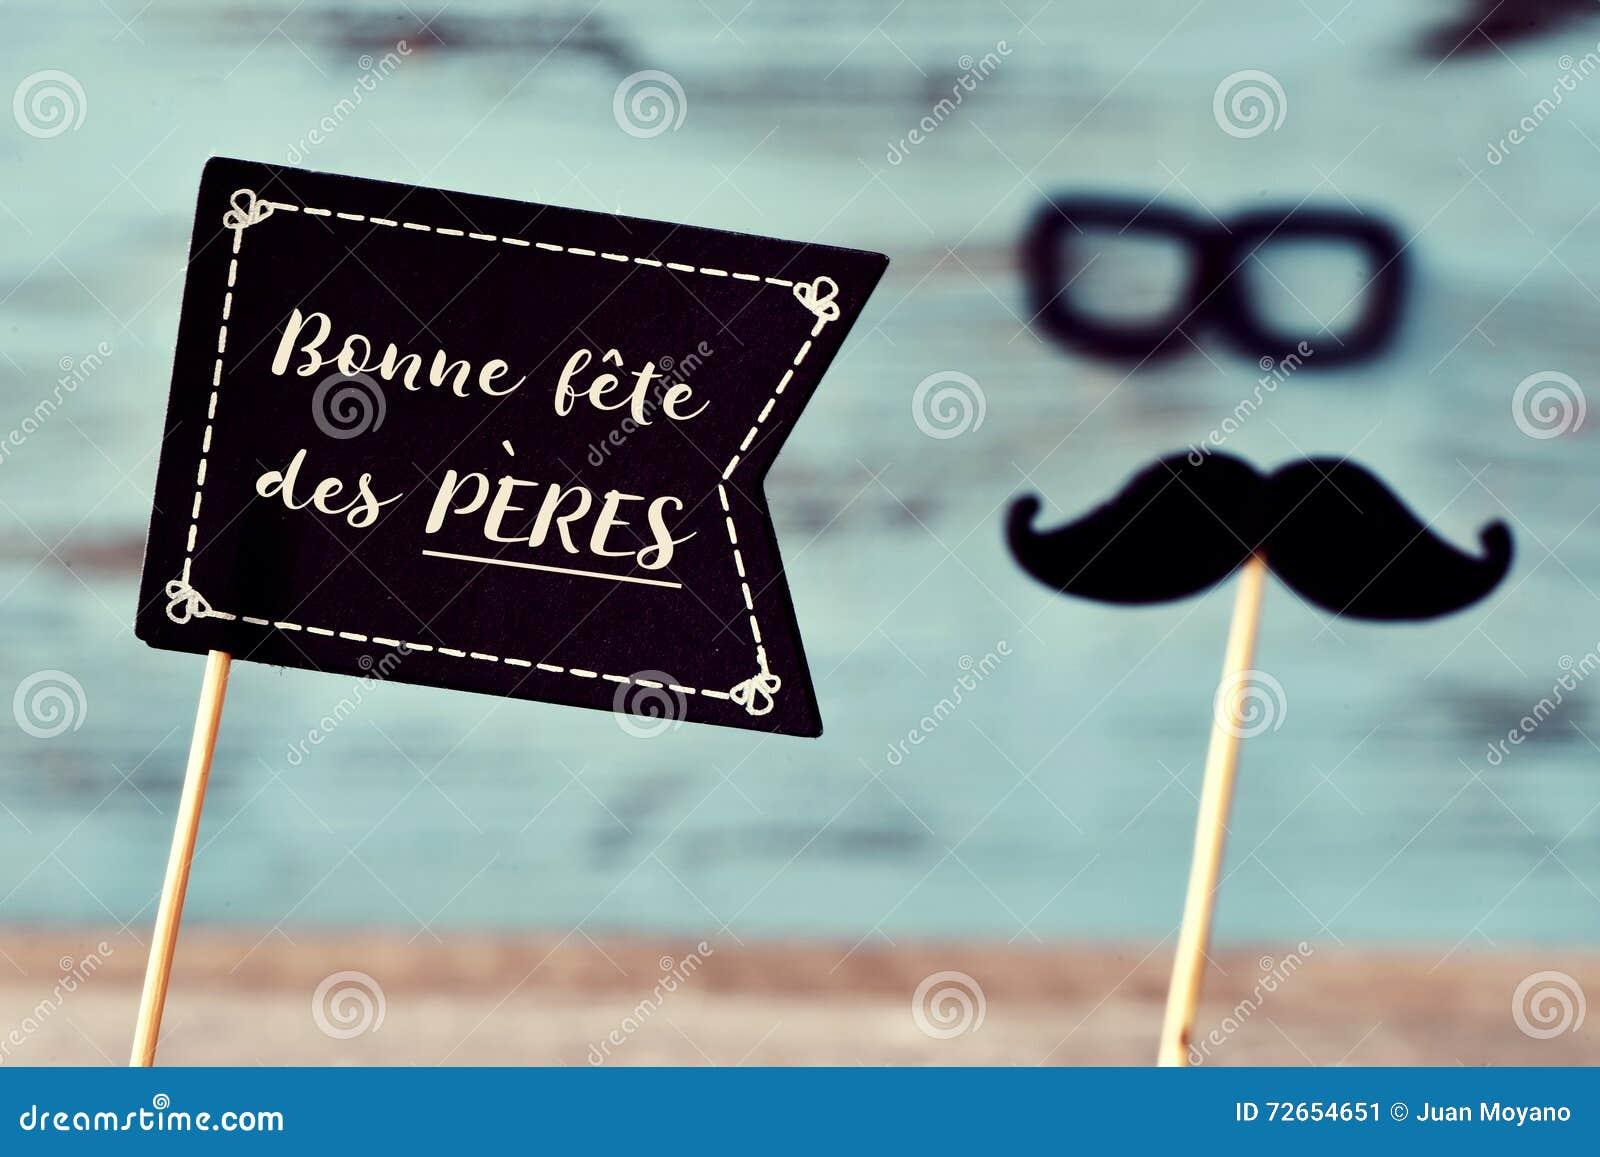 ae7e28ec6af8 Textotez DES Peres, jour de fête de bonne de pères heureux en français